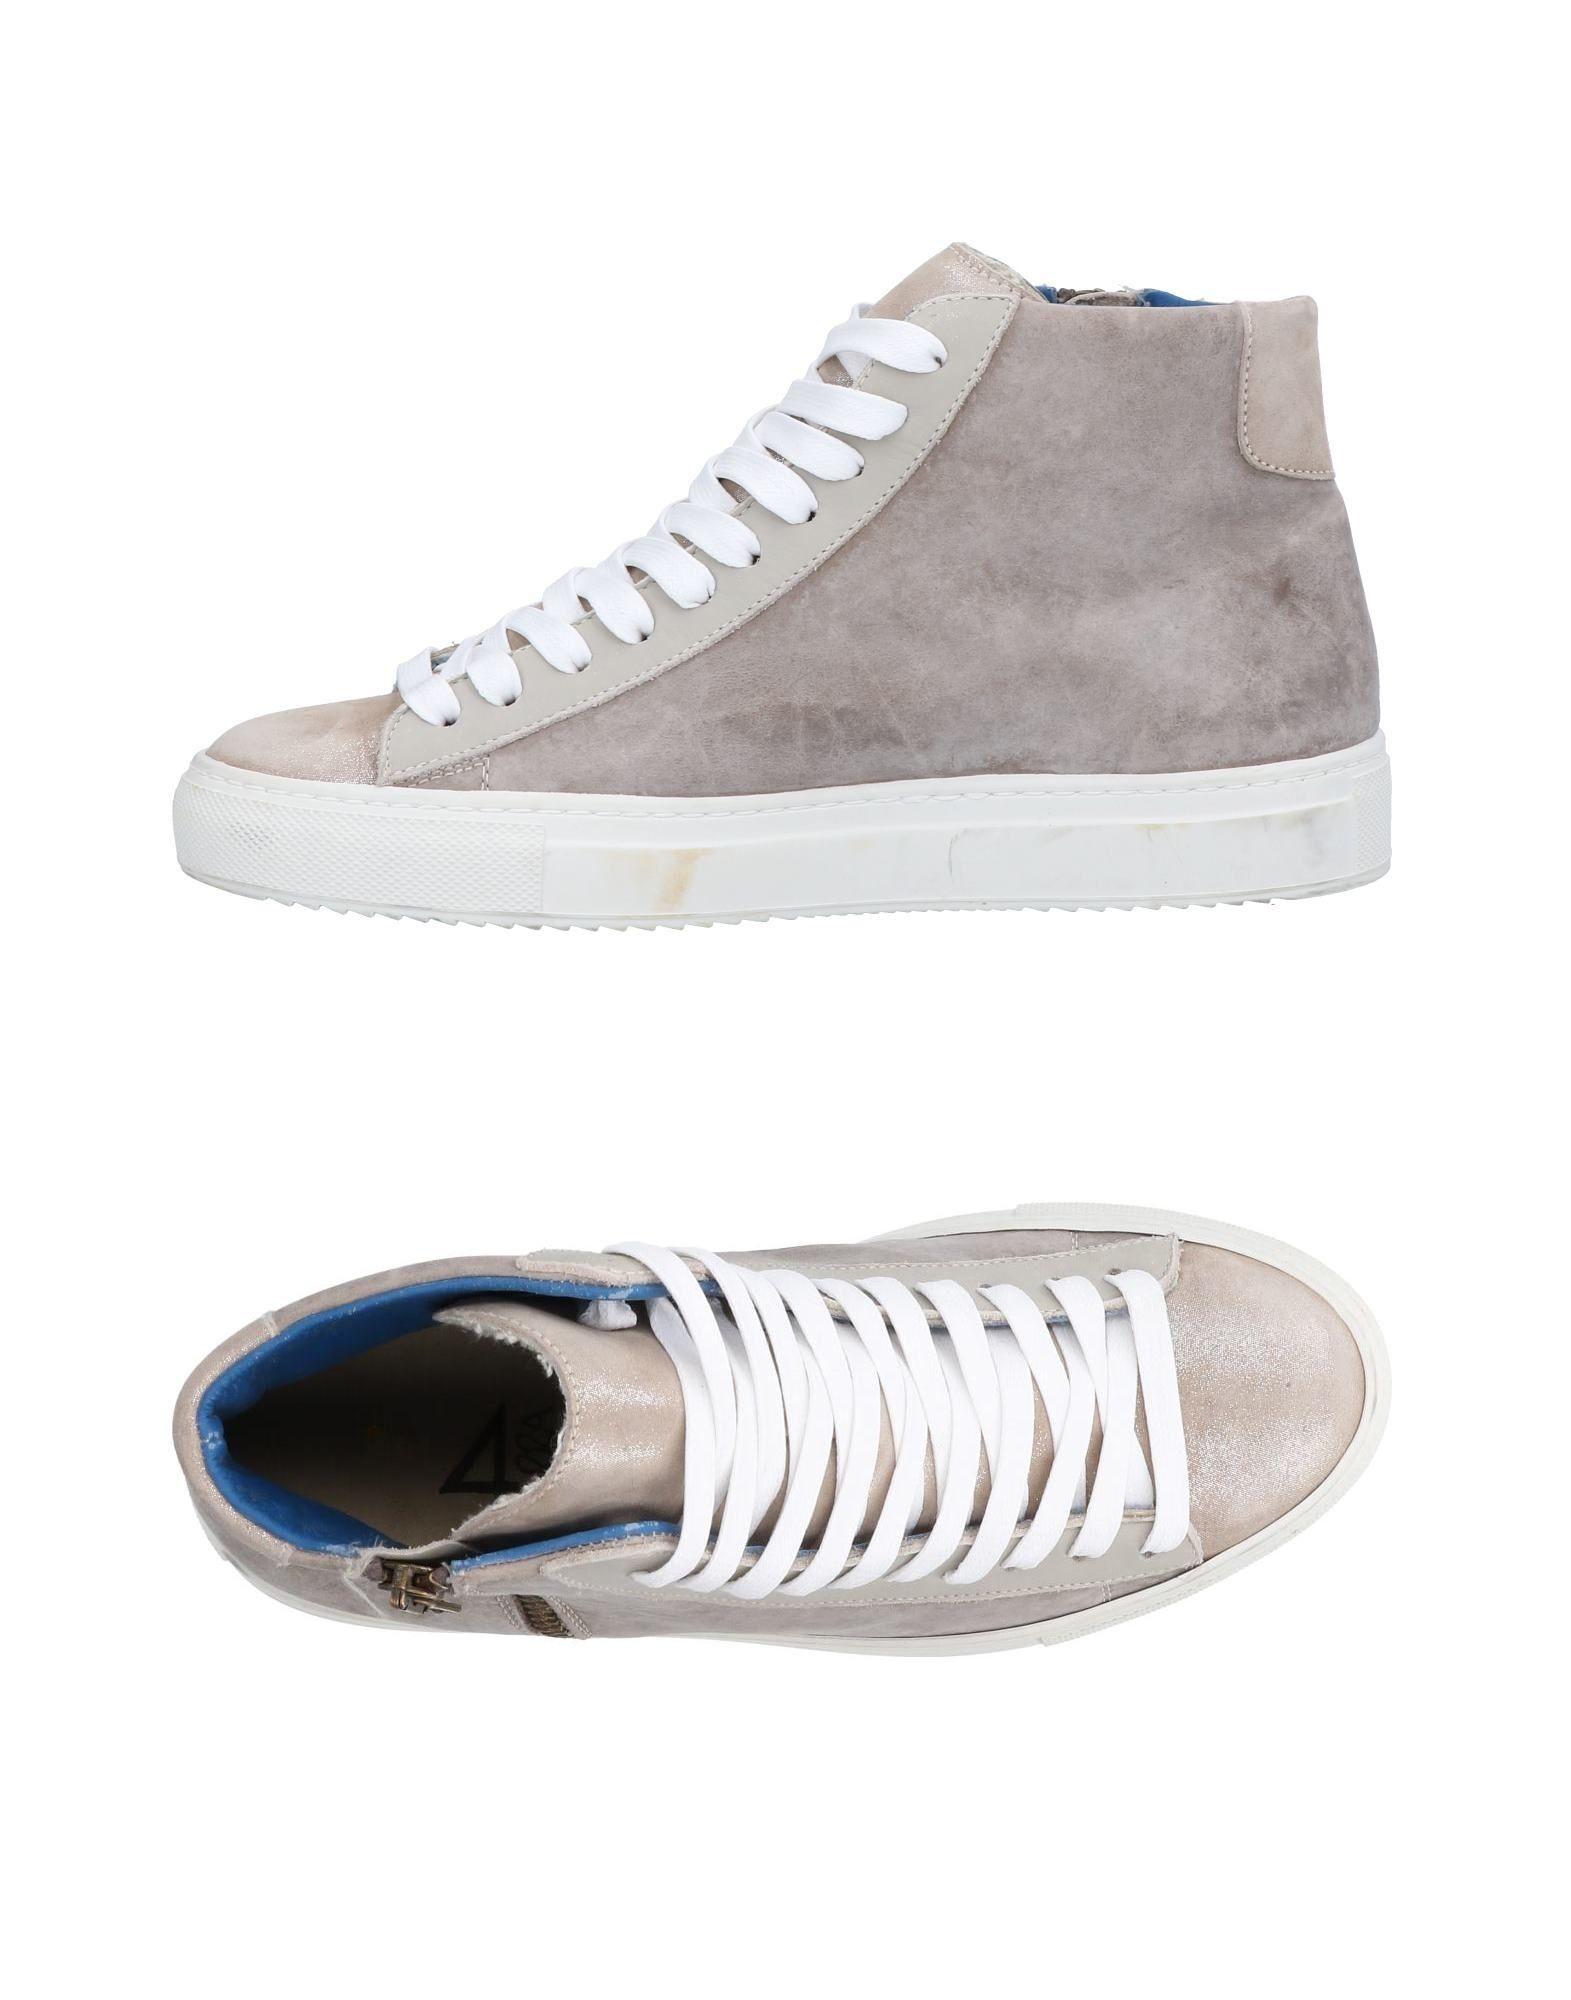 Scarpe economiche e resistenti Sneakers Quattrobarradodici Donna - 11459259OI